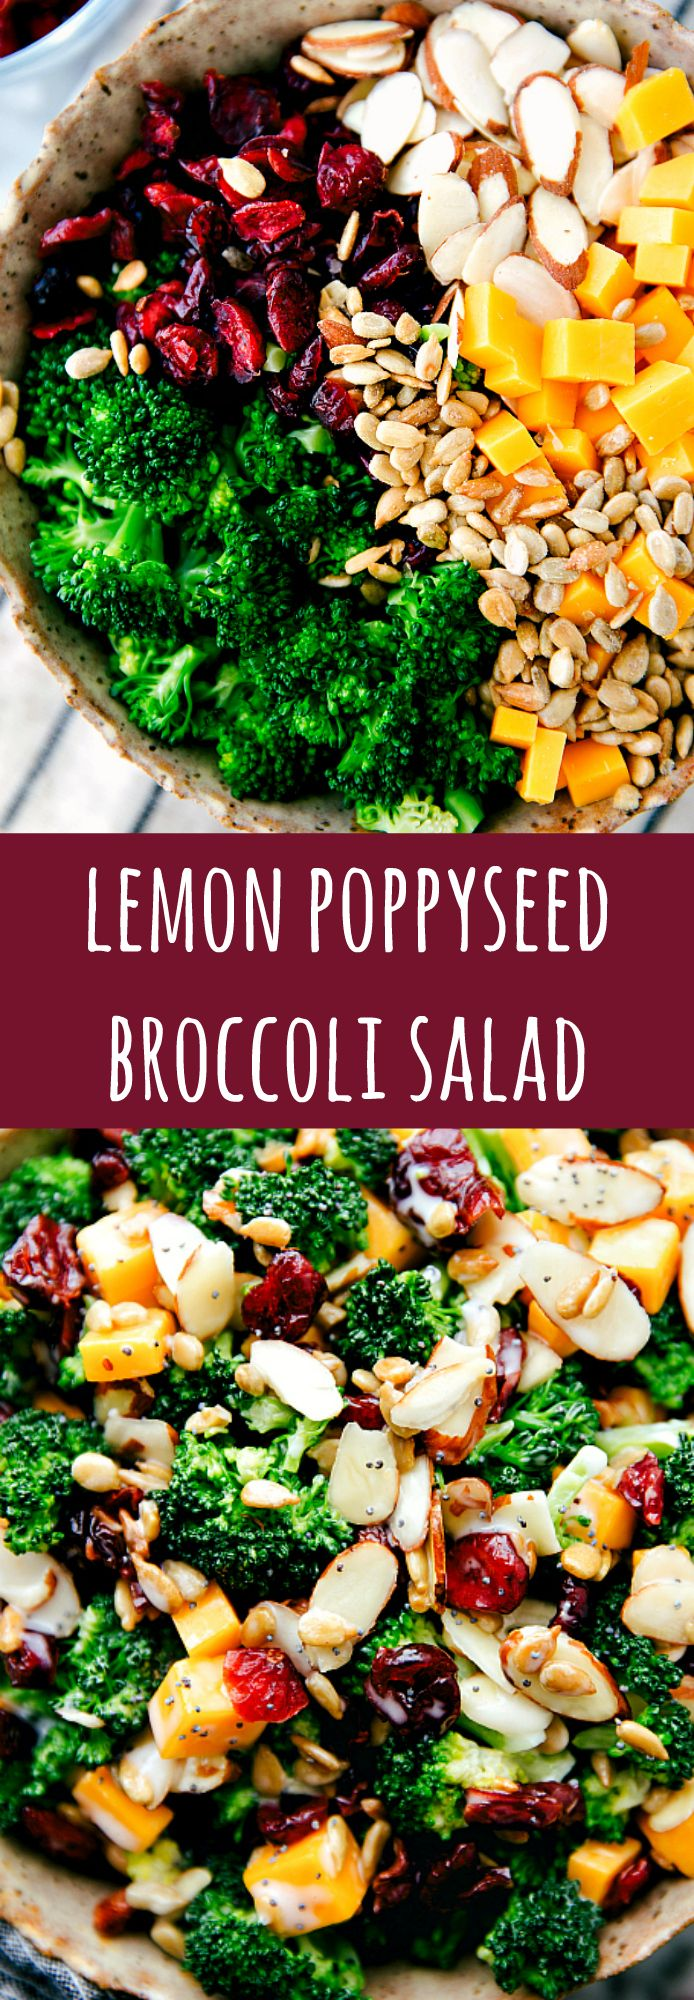 Lemon Poppyseed Broccoli Salad